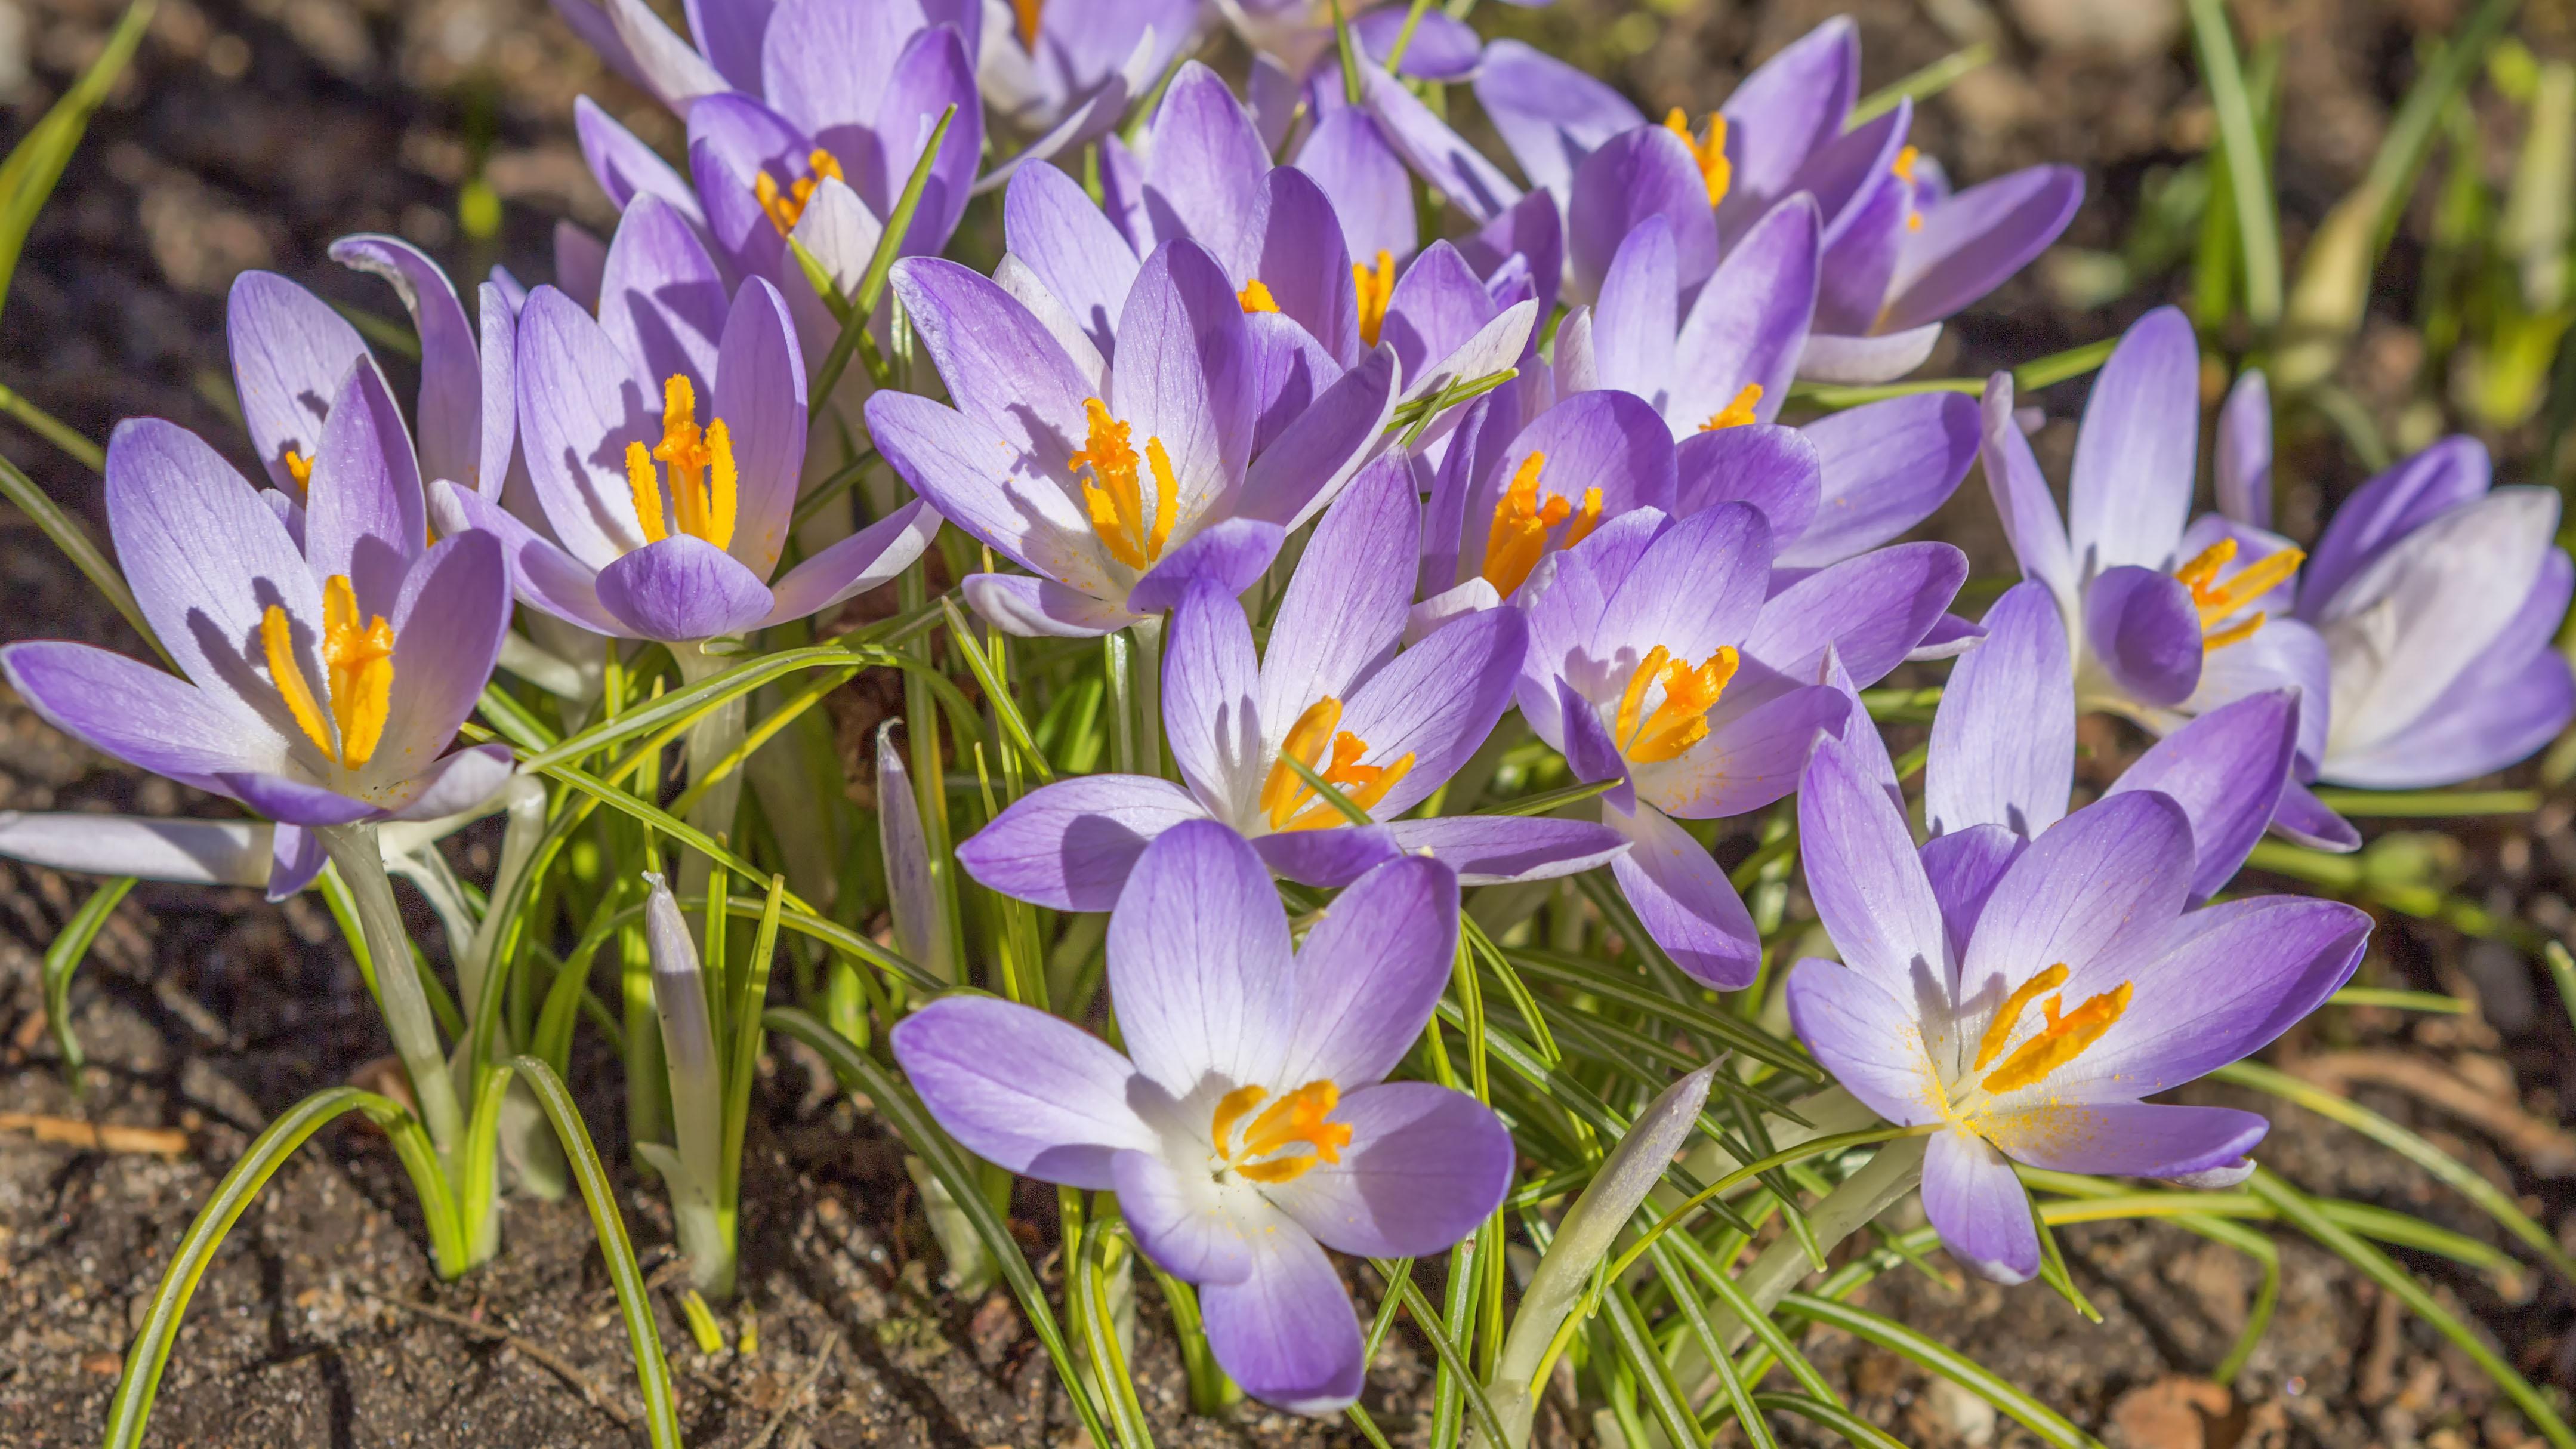 blomster_bader_i_solskin.jpg